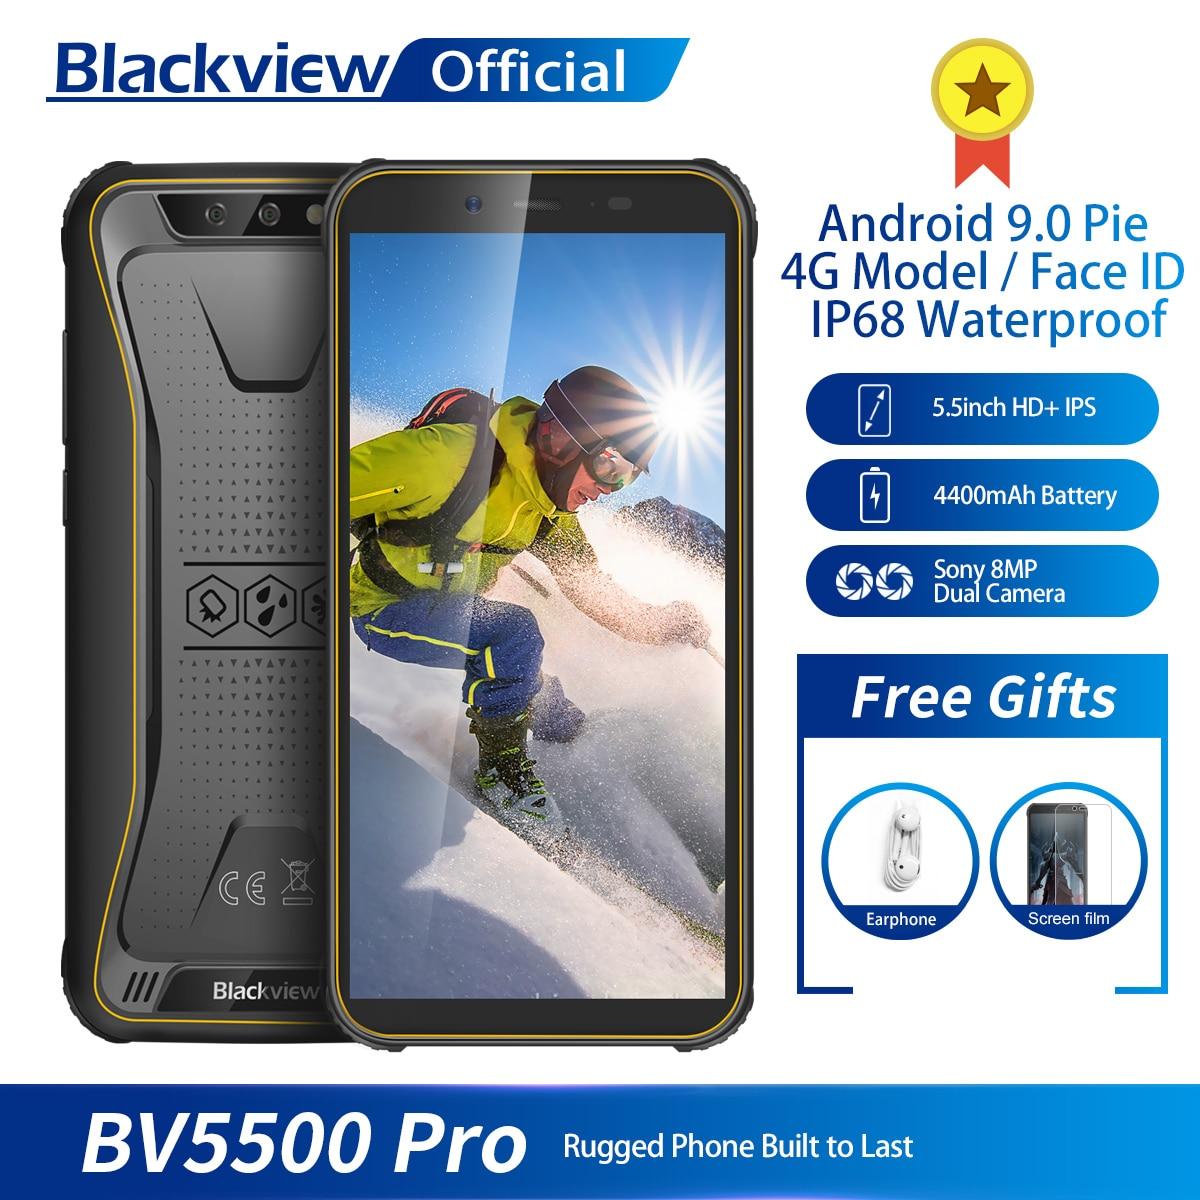 Мобильный телефон Blackview BV5500 Pro 4G, влагозащита IP68, 3 ГБ+16 ГБ, экран 5,5 дюйма, 4400 мАч, на базе Android 9.0 Pie, поддержка двух SIM-карт, защищенный смартфон